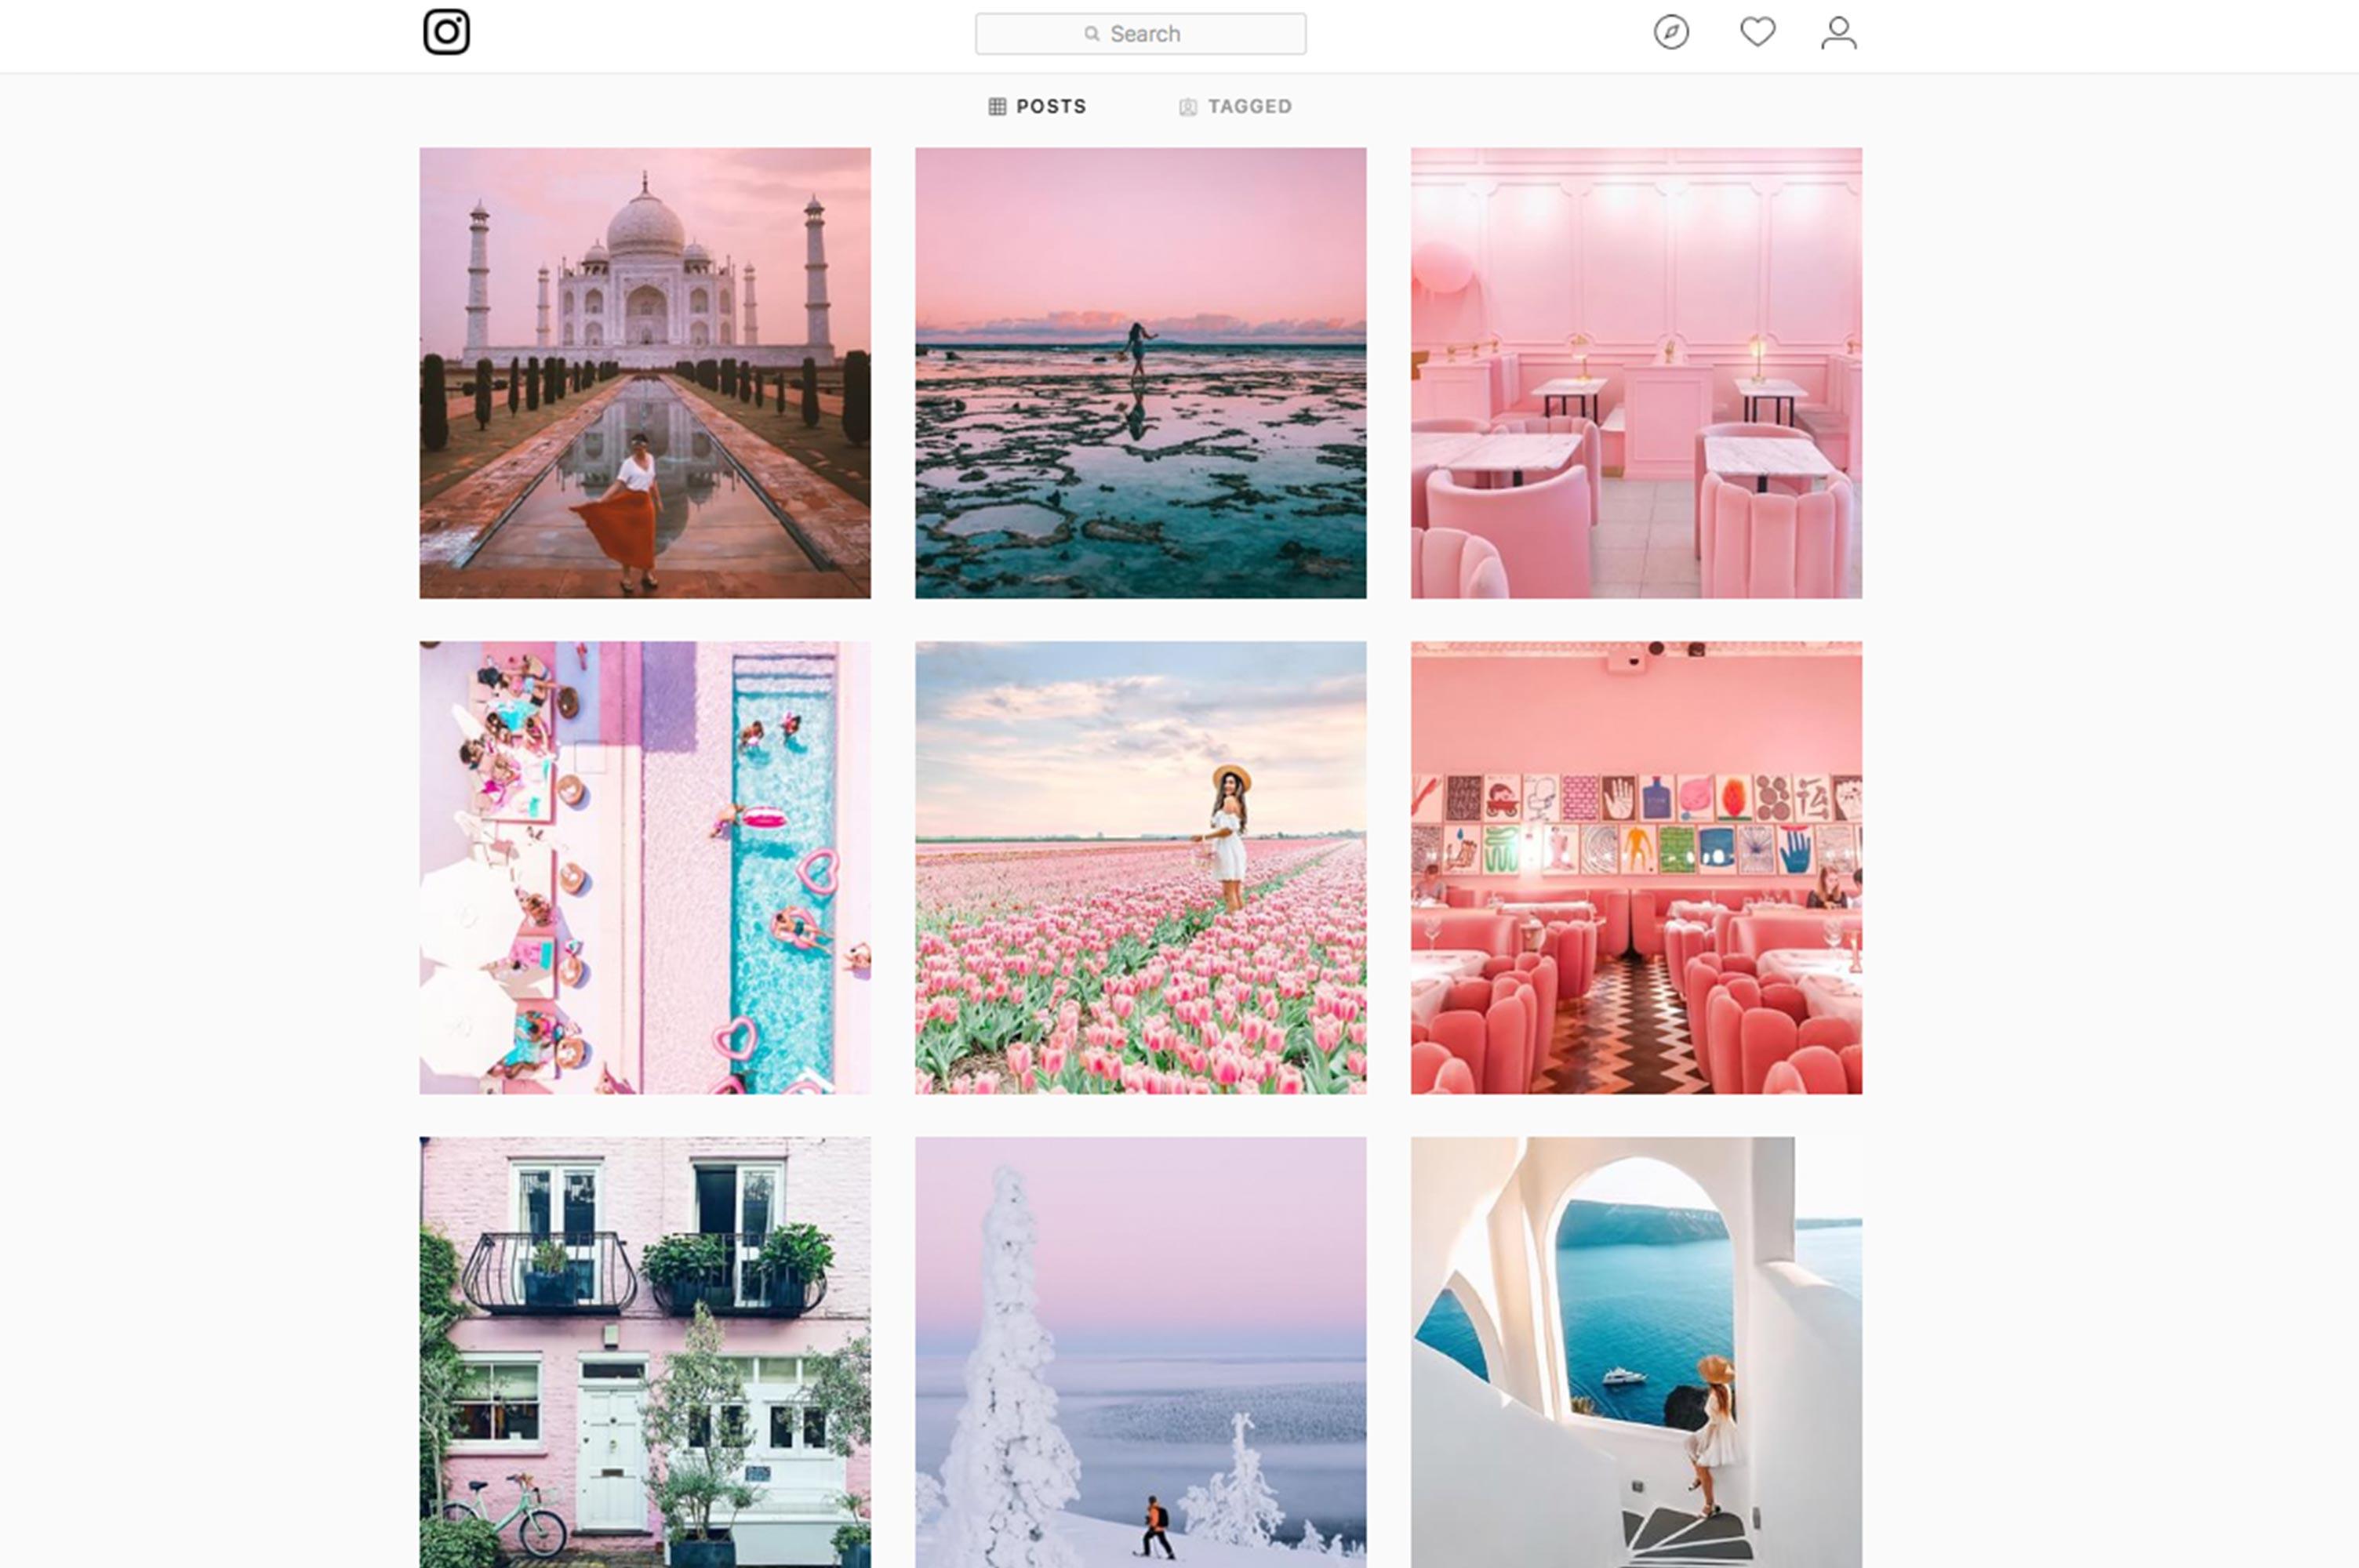 STA travel social media